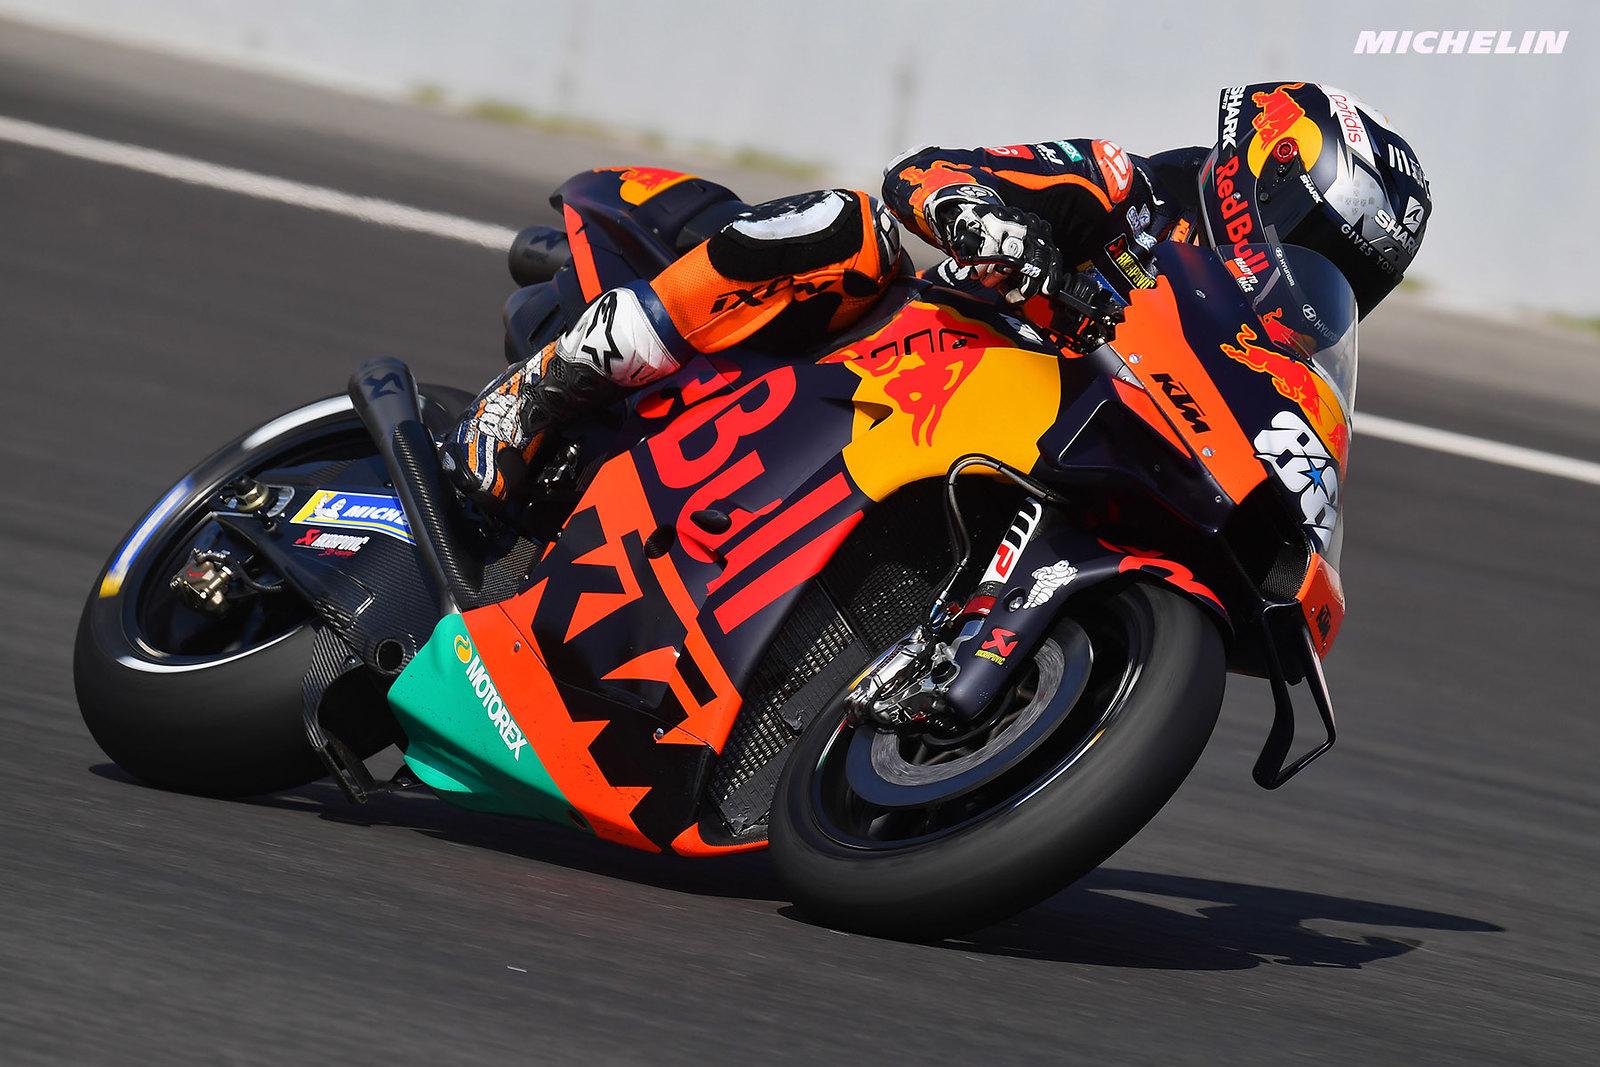 カタルーニャGP 予選4位 ミゲル・オリヴェイラ「シーズンベストの予選結果が嬉しい」